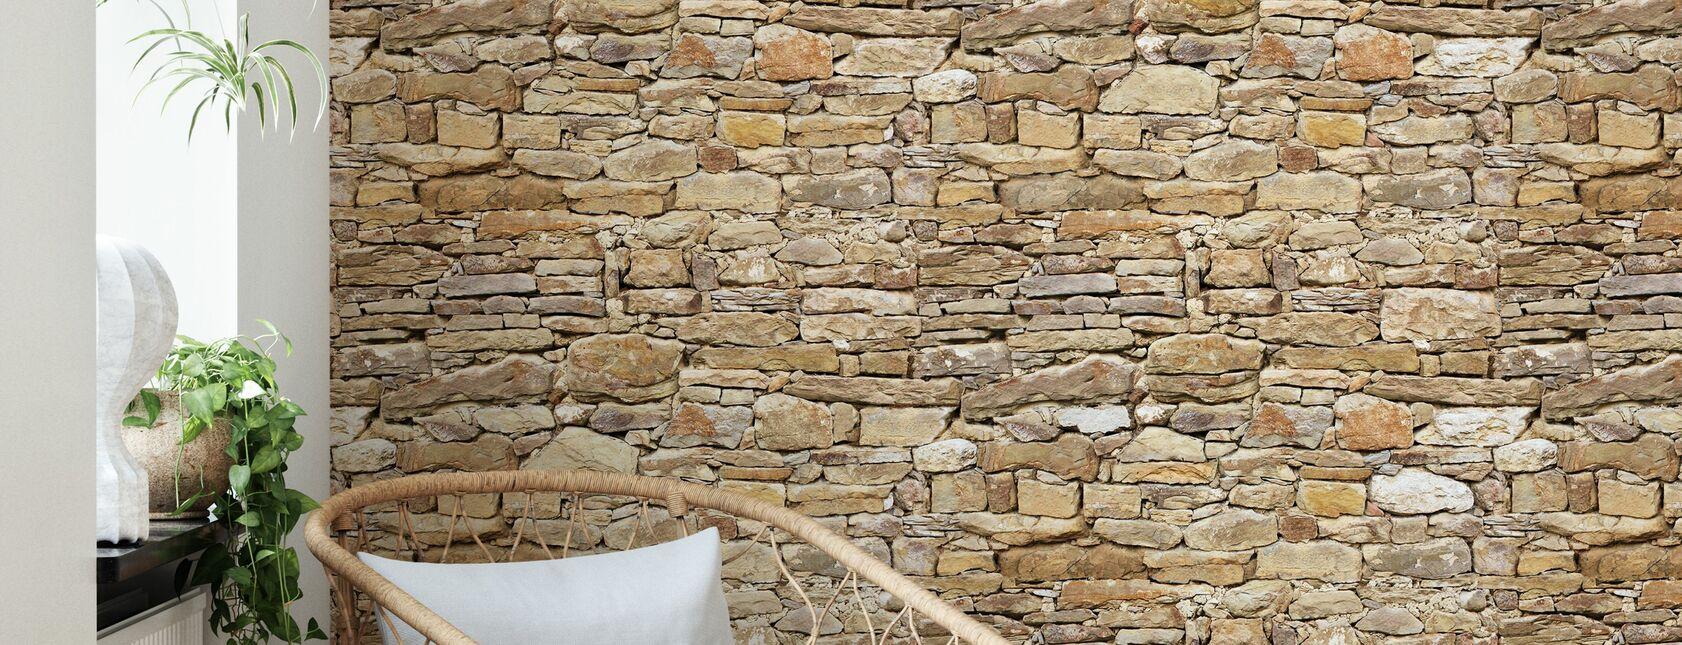 Mur en pierre rustique - Papier peint - Salle à manger